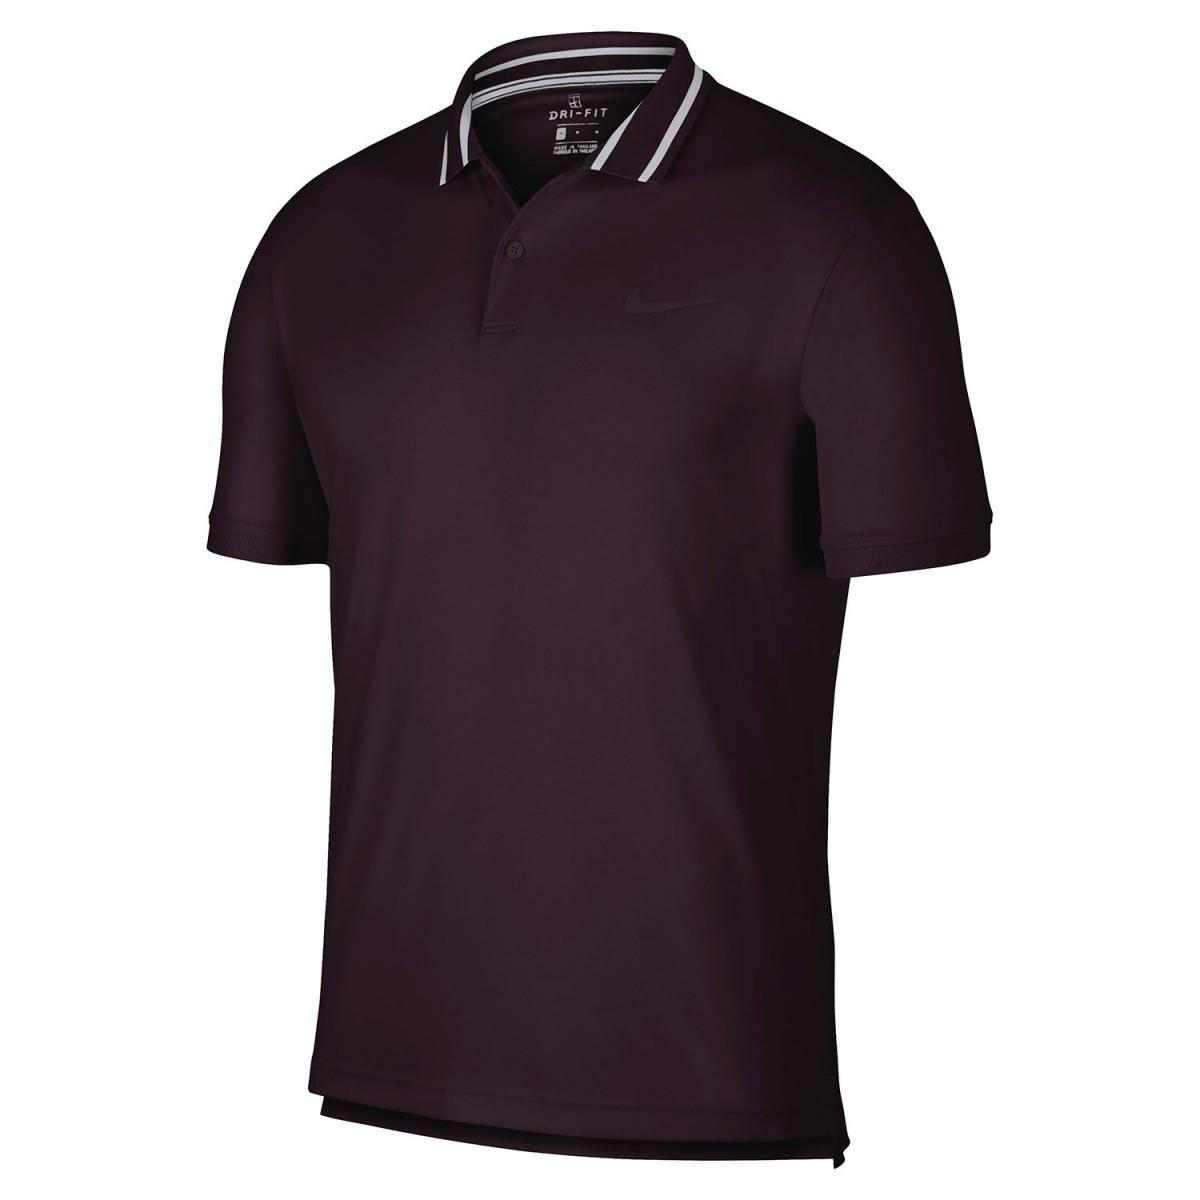 Теннисная футболка мужская Nike Court Dry Pique Polo burgundy ash